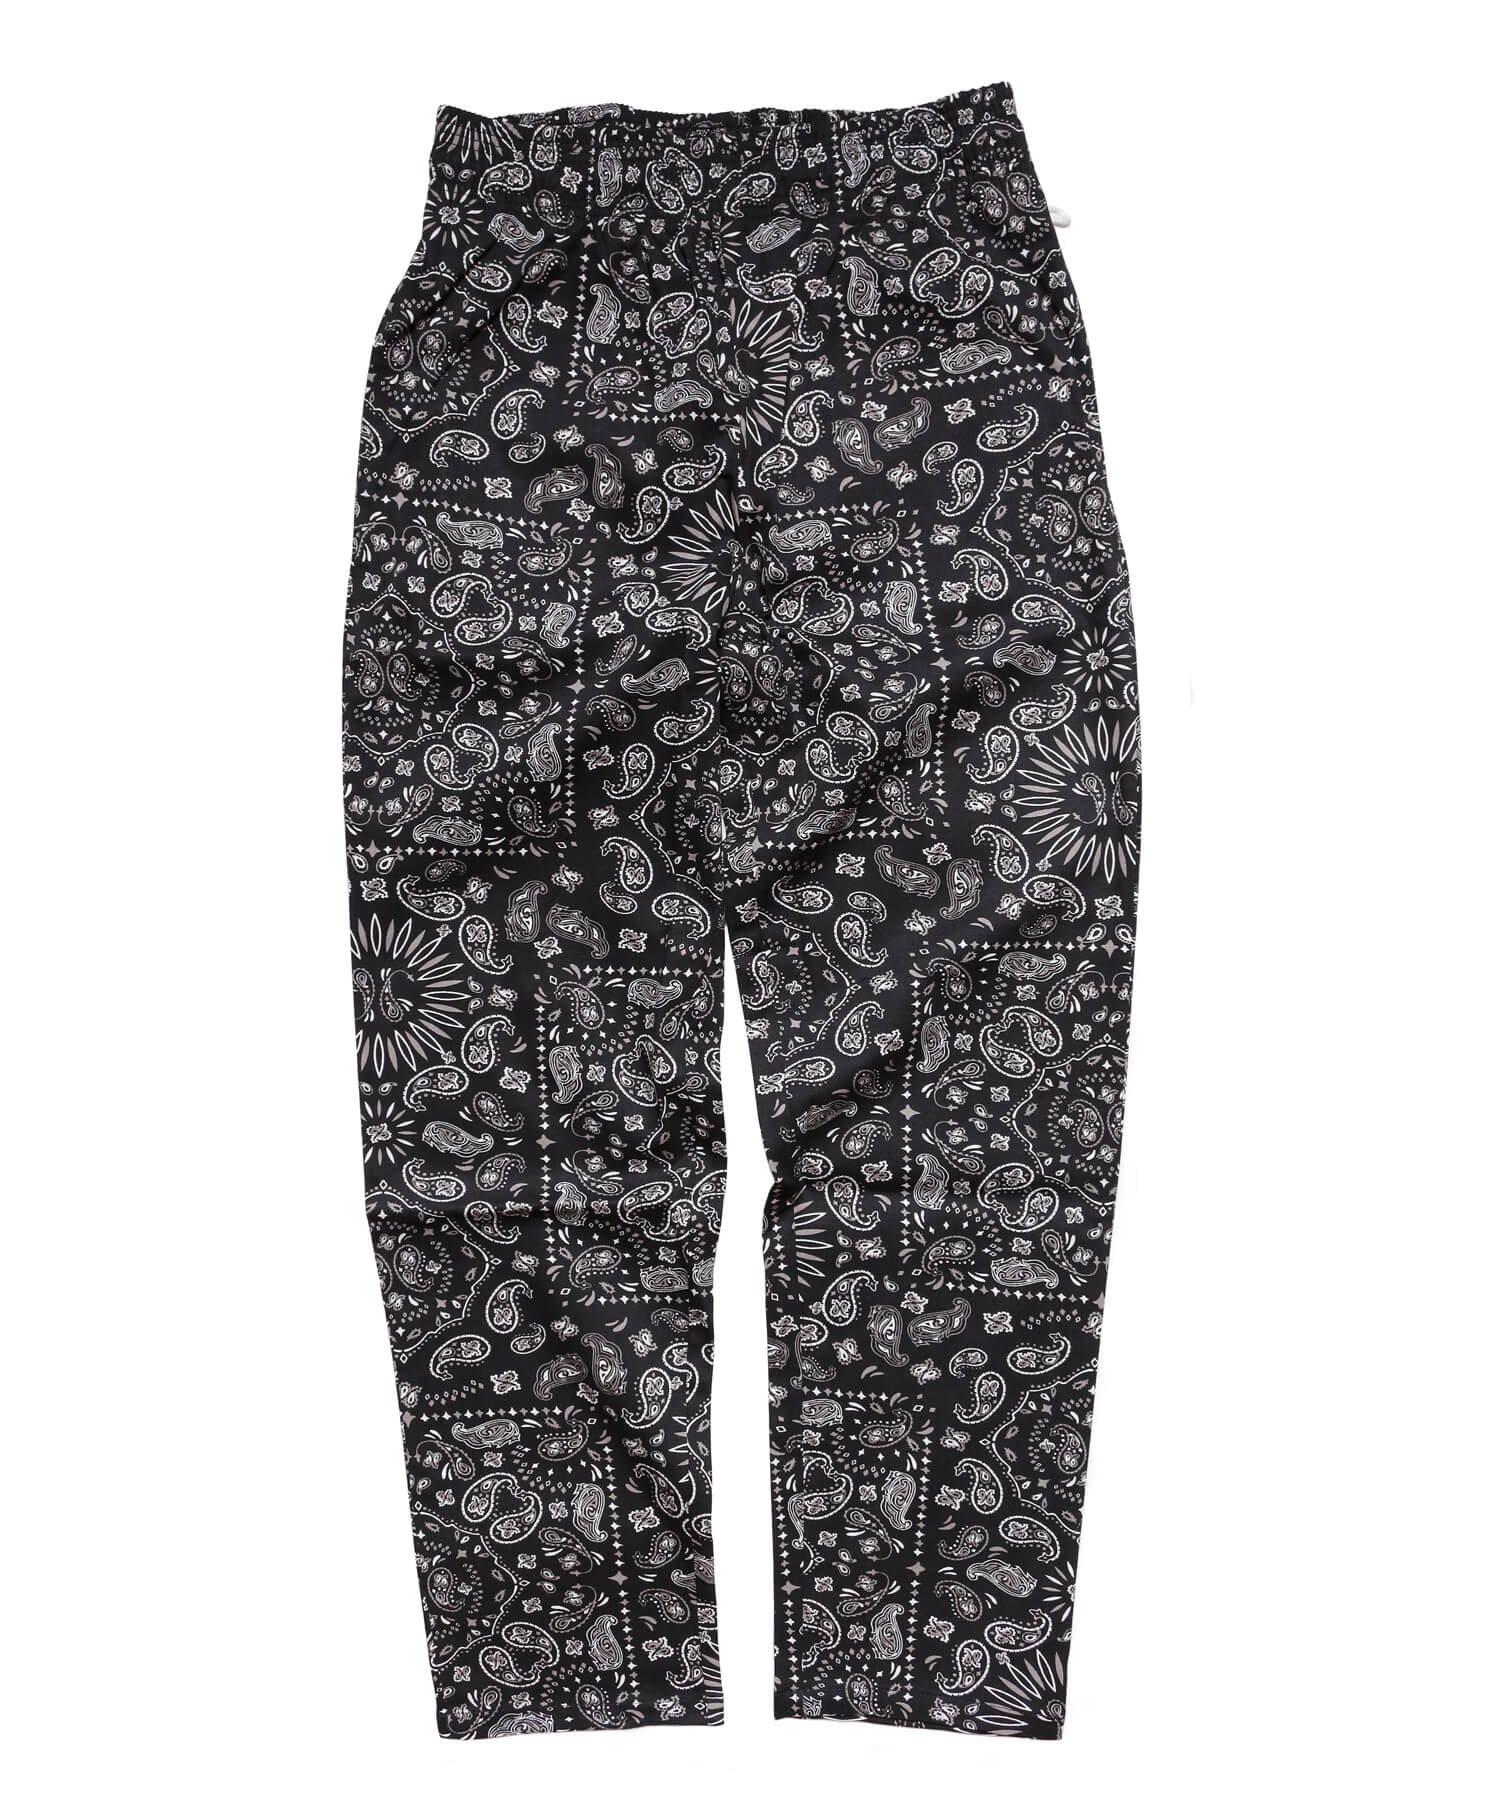 COOKMAN / クックマン    WAITER'S PANTS (PAISLEY BLACK):ウェイターズパンツ 商品画像